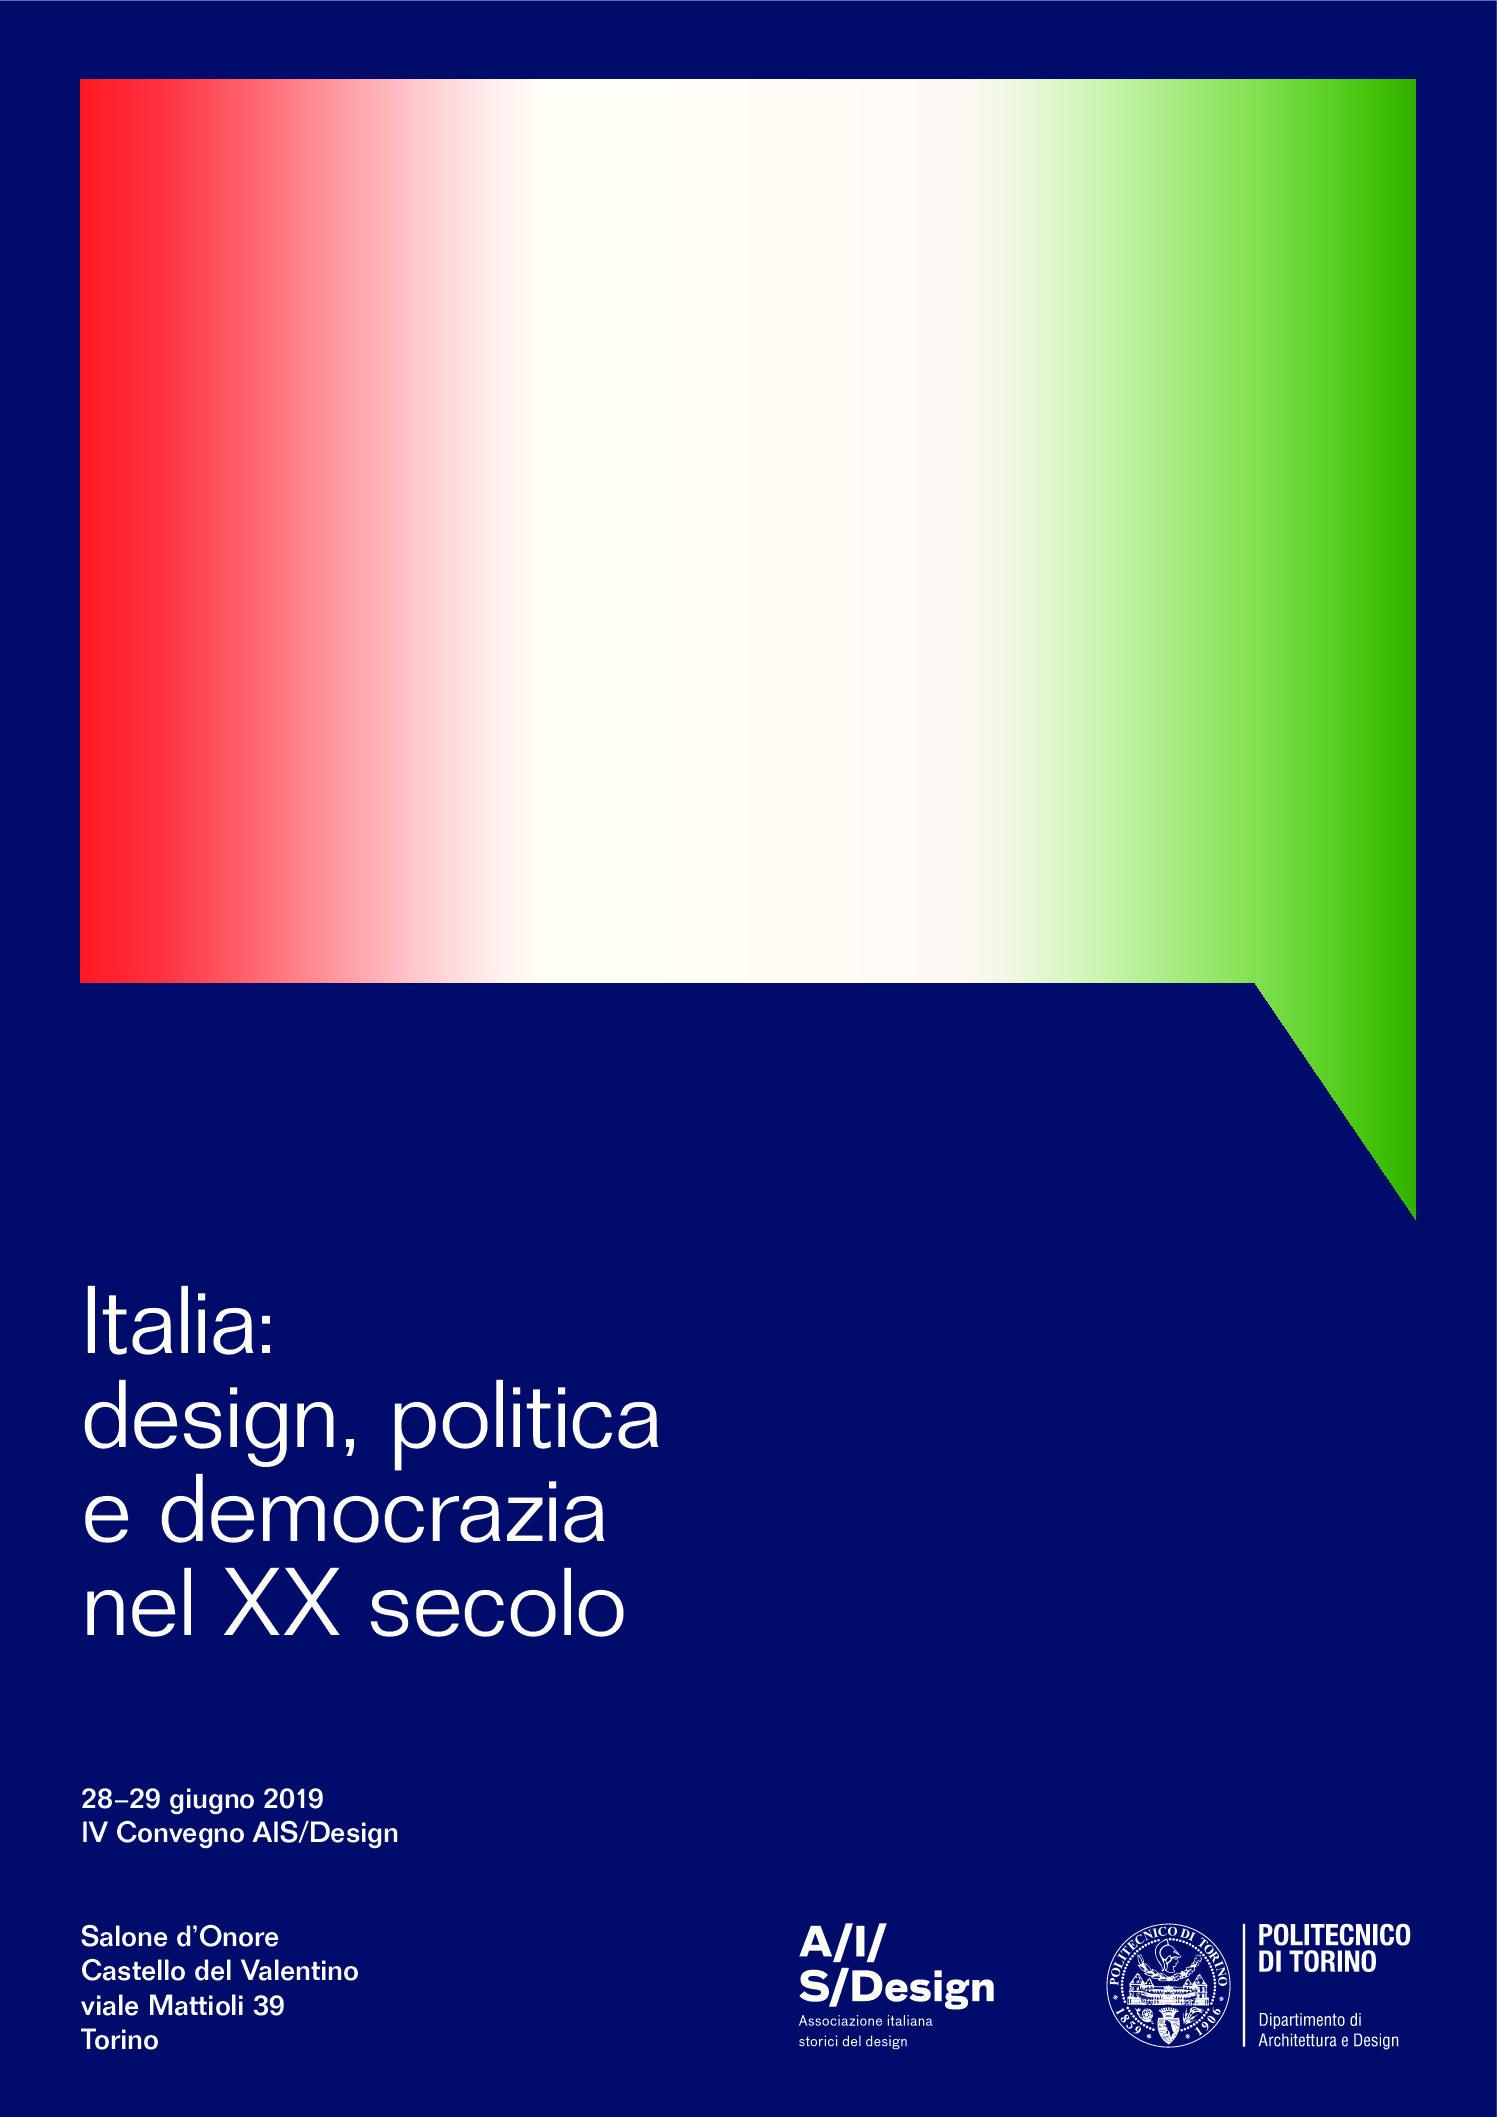 IV Convegno Associazione Italiana Storici del Design: Italia. design, politica e democrazia nel XX secolo